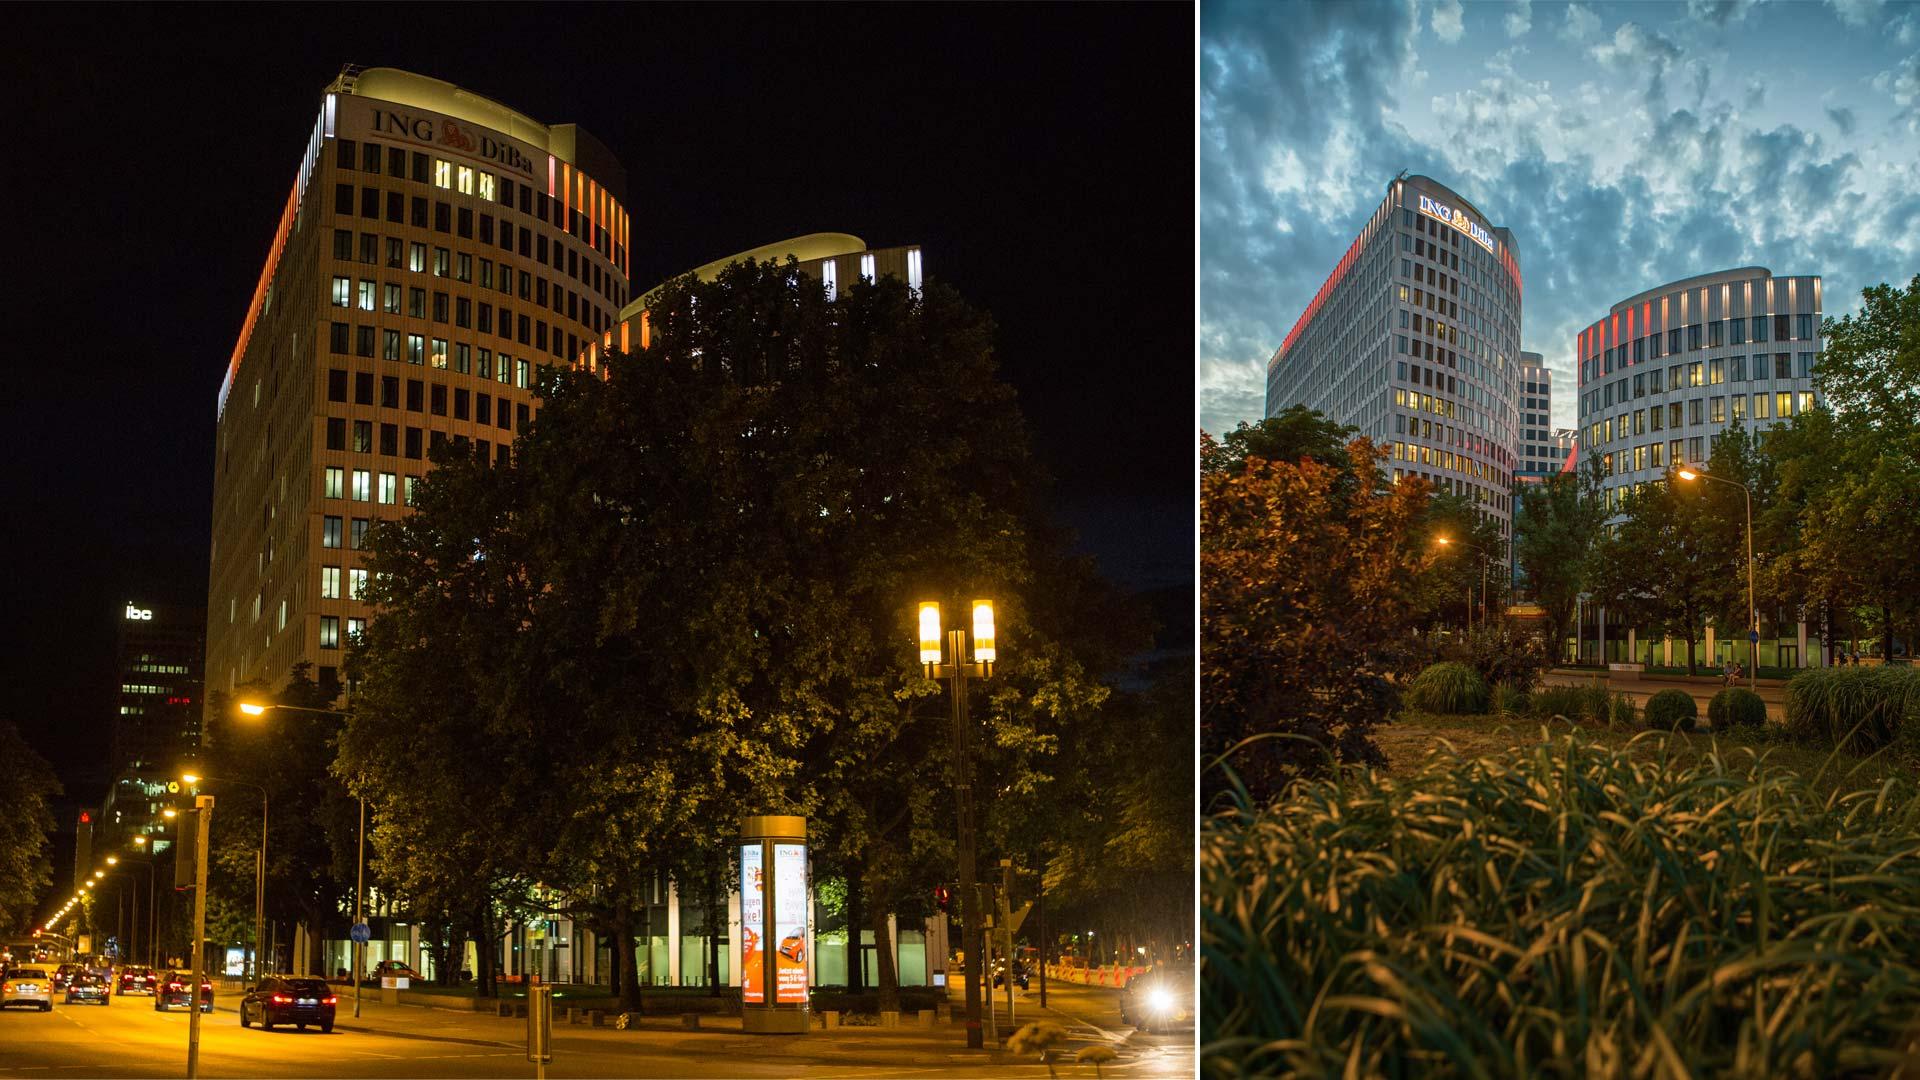 """MAASS-Lichtplanung_Fassadenbeleuchtung ING-DiBa AG Headquarter """"LEO""""__MAASS-LEO-Attikabeleuchtung-006"""